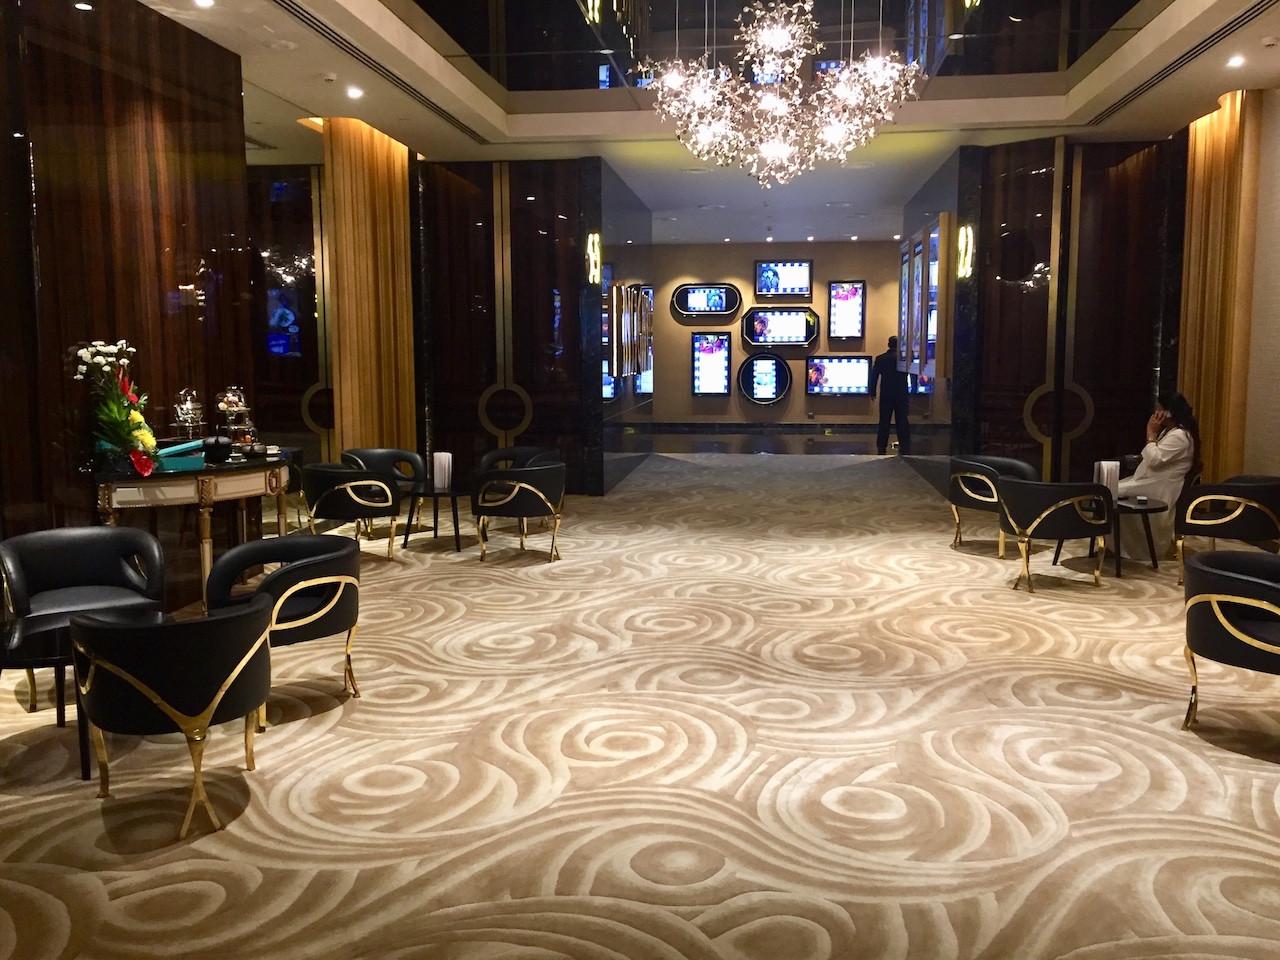 INOX Insignia Worli, Custom Hand Made Carpets